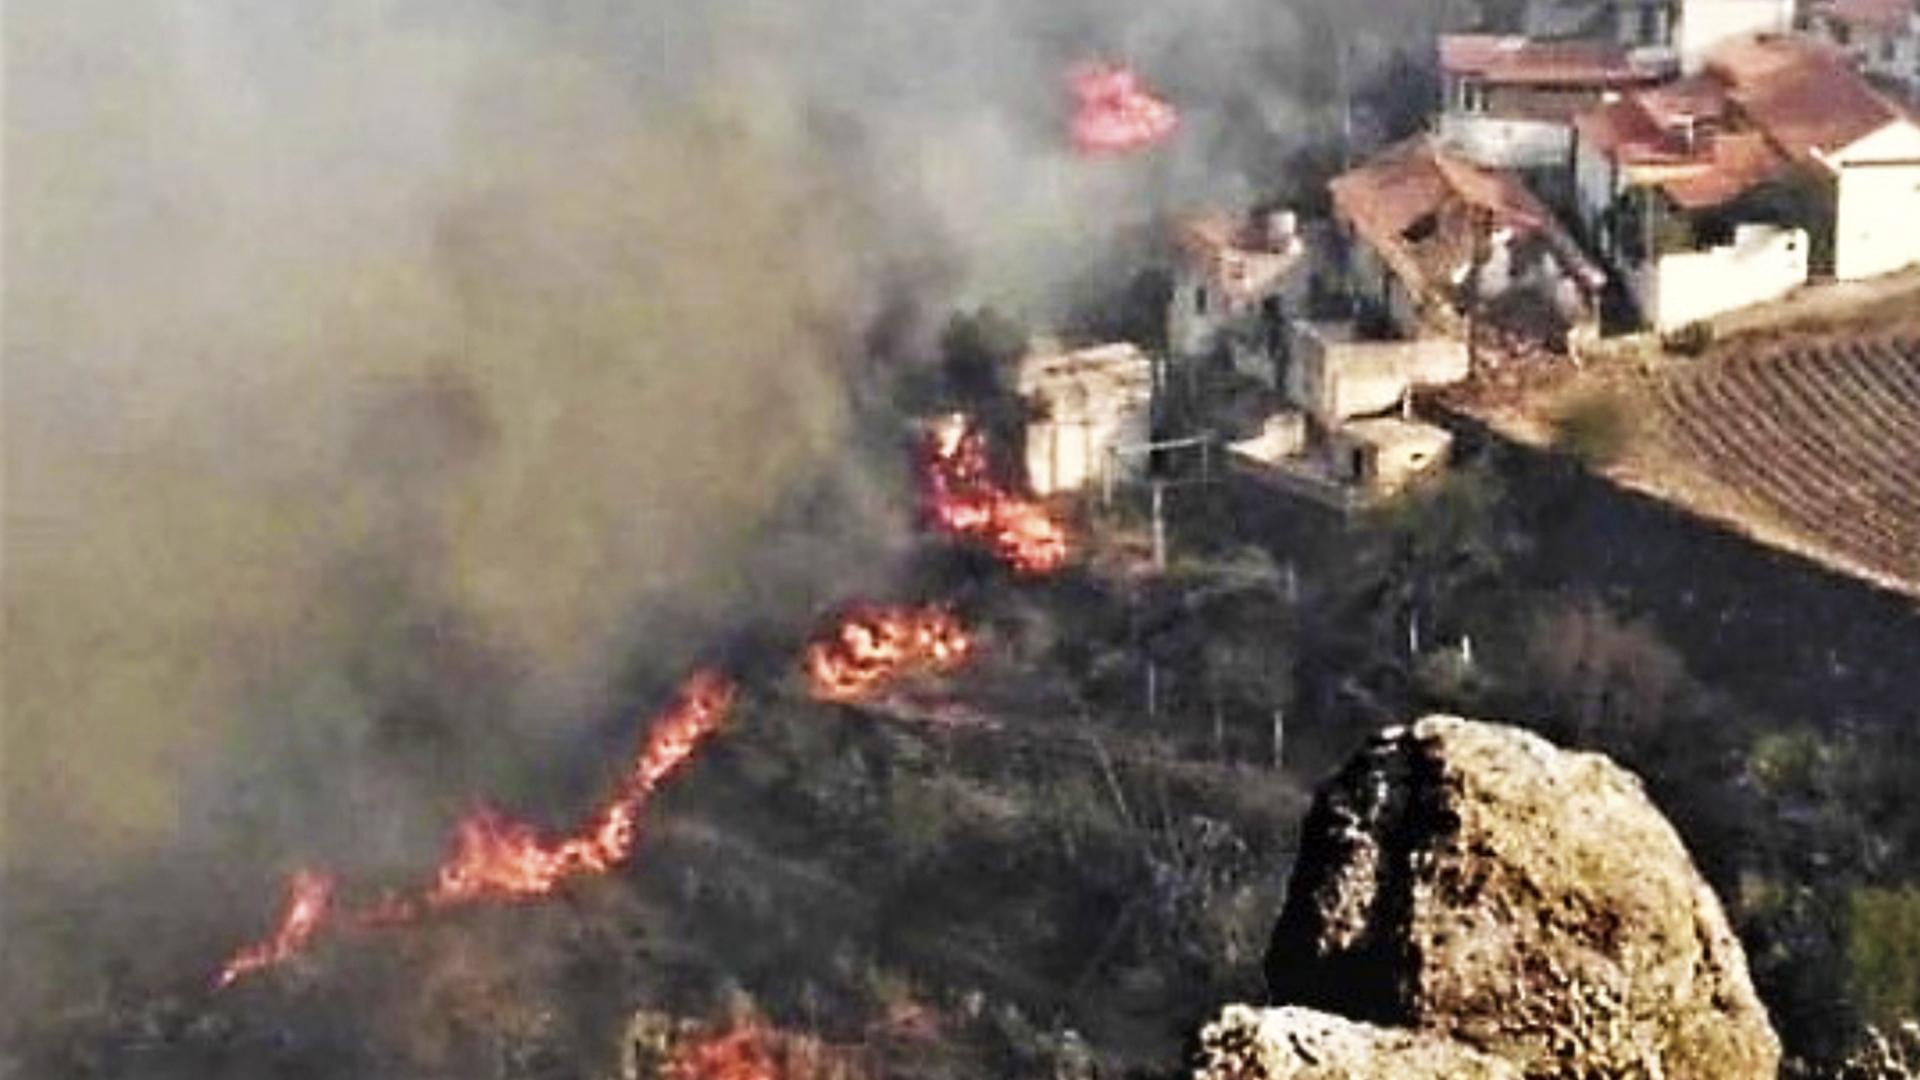 Gran Canaria, una isla turística, está bajo fuego